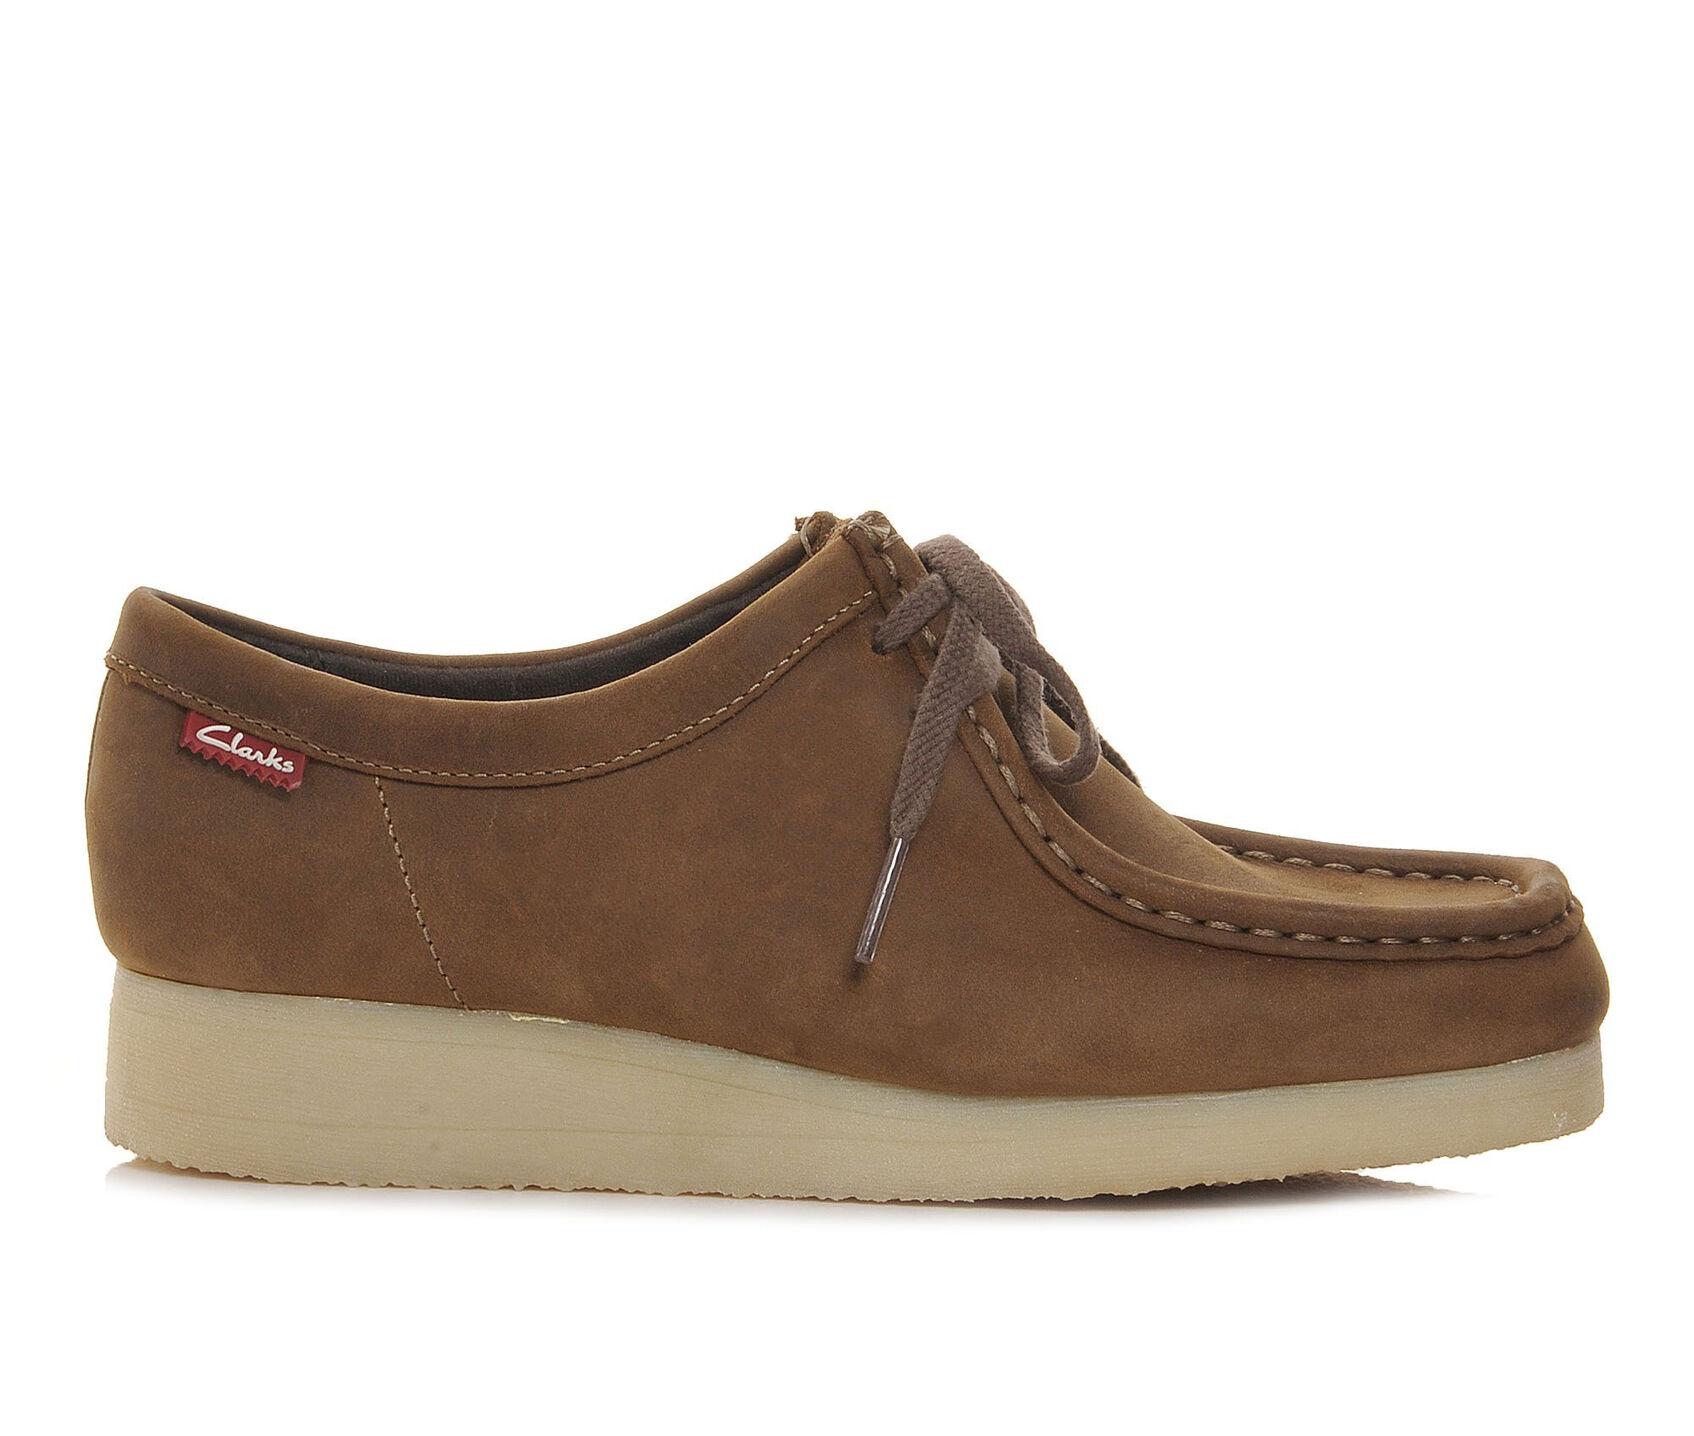 Qvc Uk Shoes